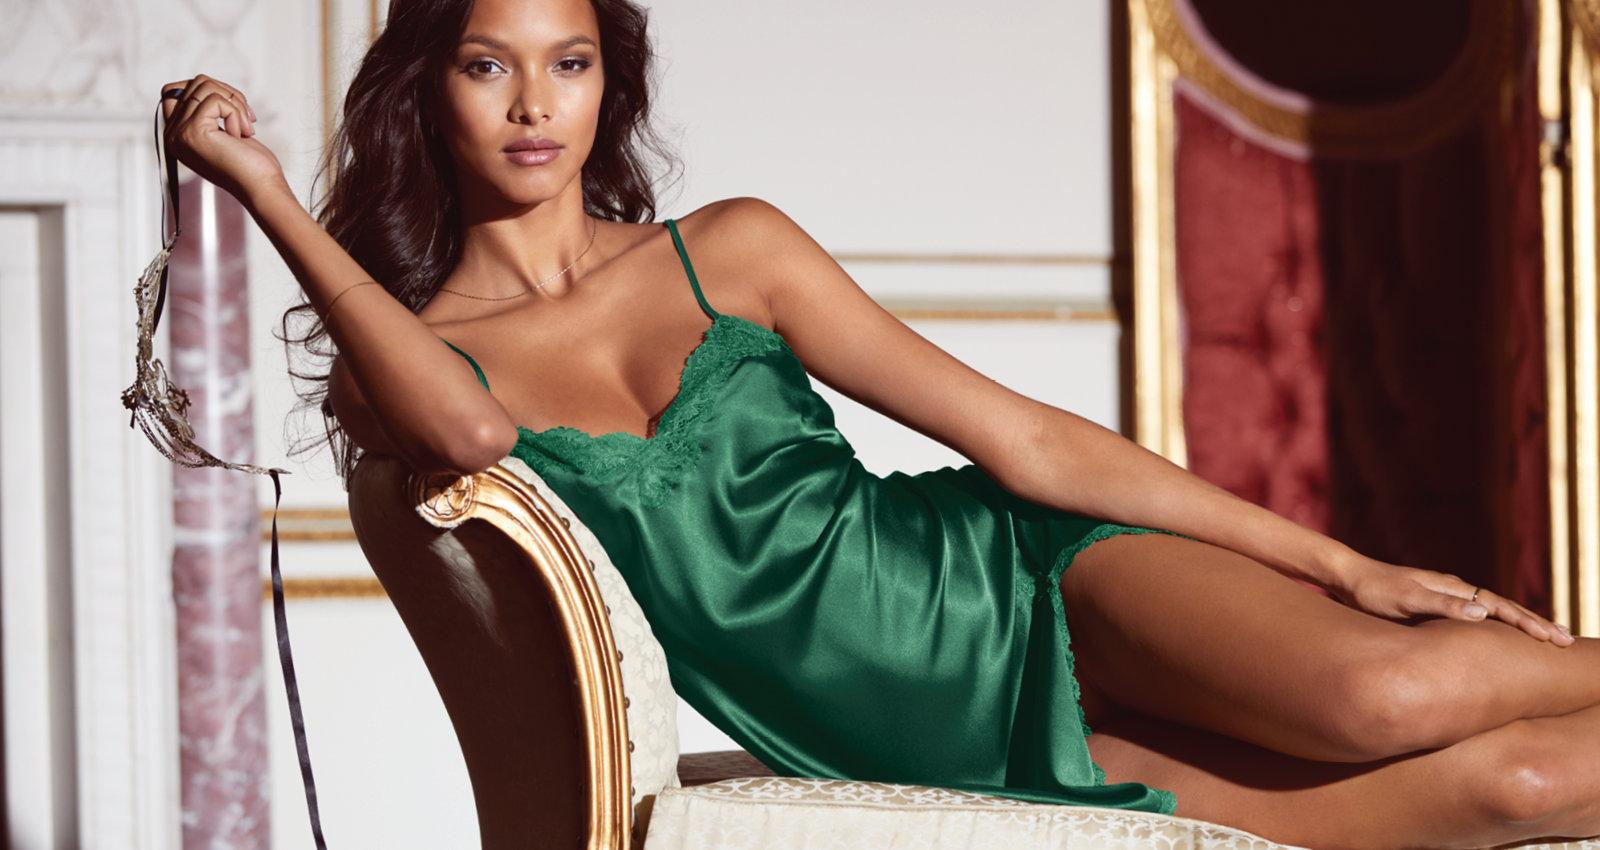 Нижнее белье: ликбез для каждой женщины